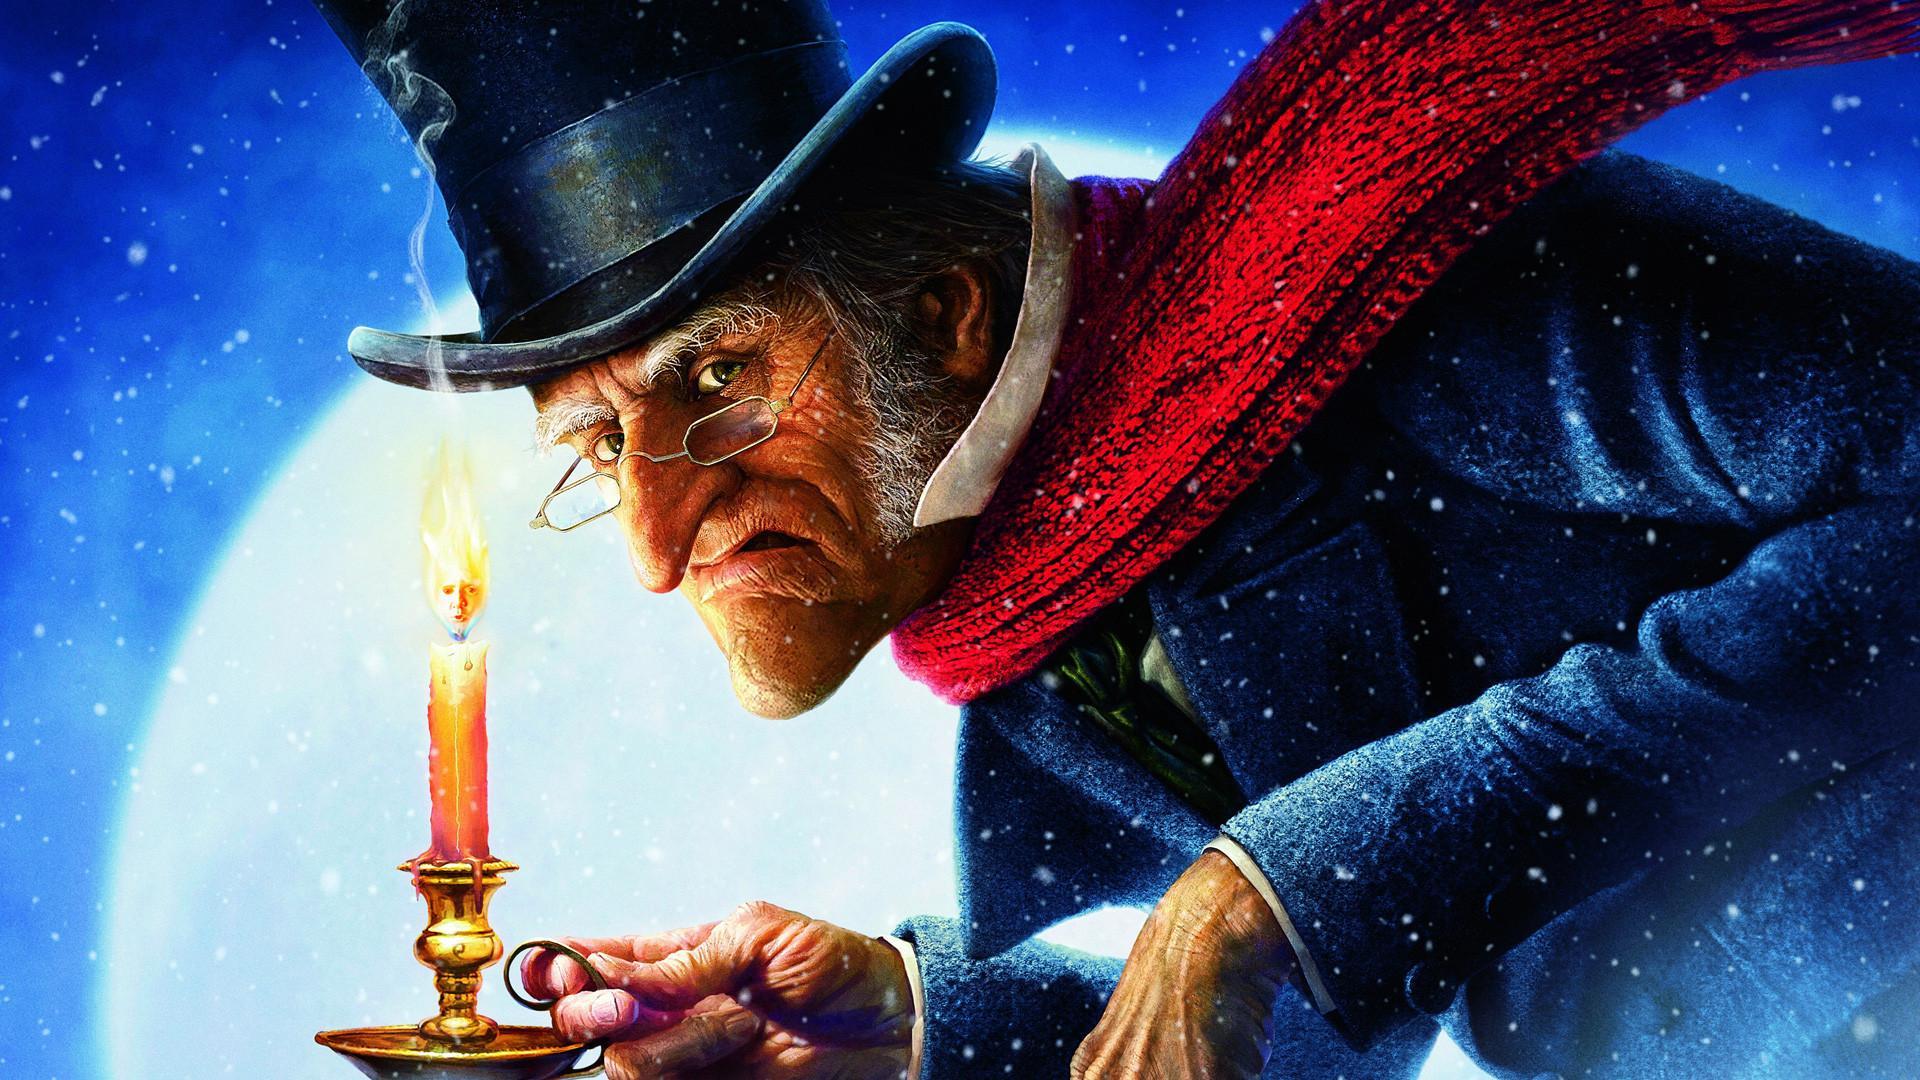 christmas carol movie streaming